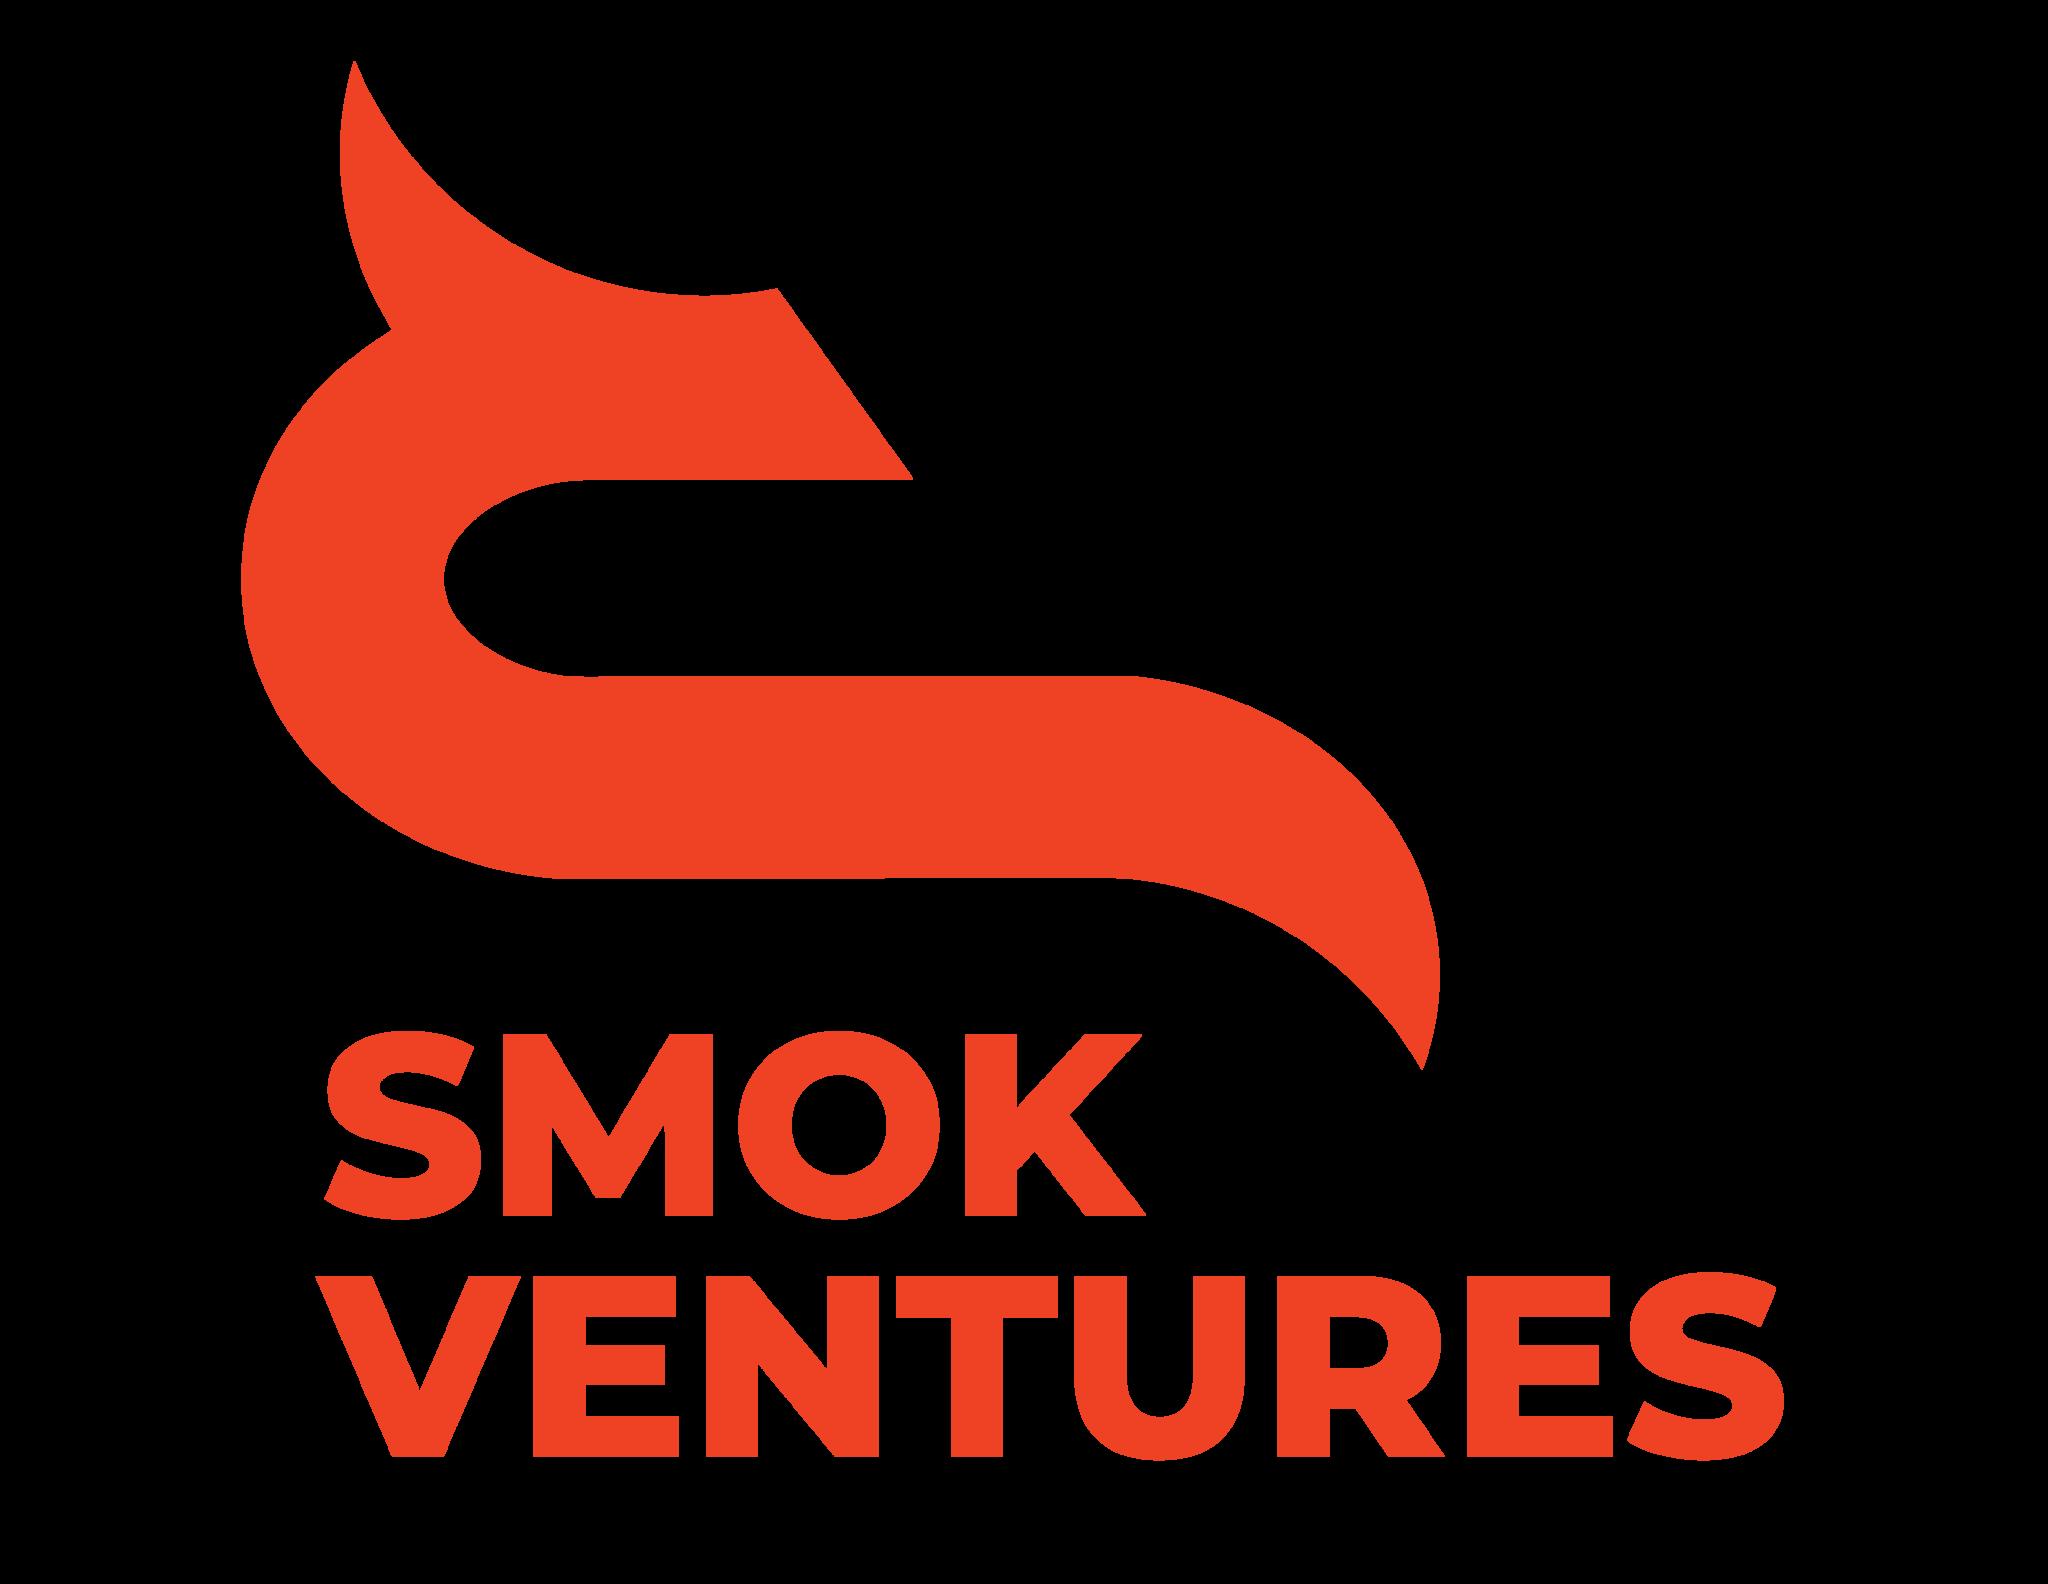 SMOK Ventures